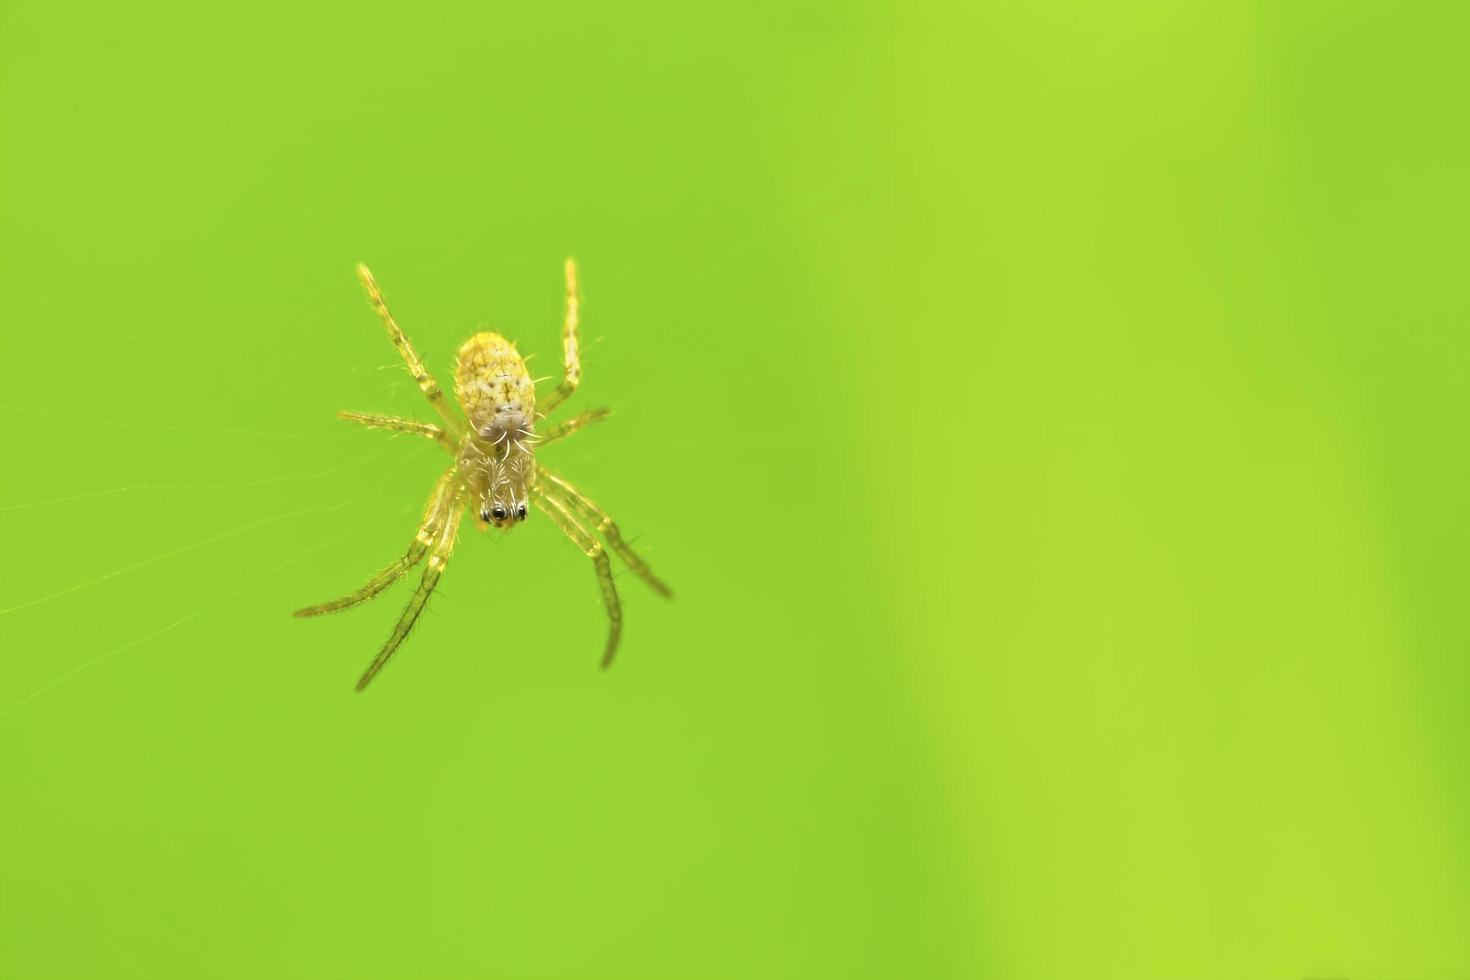 spindel på spindelnät och grön bakgrund foto